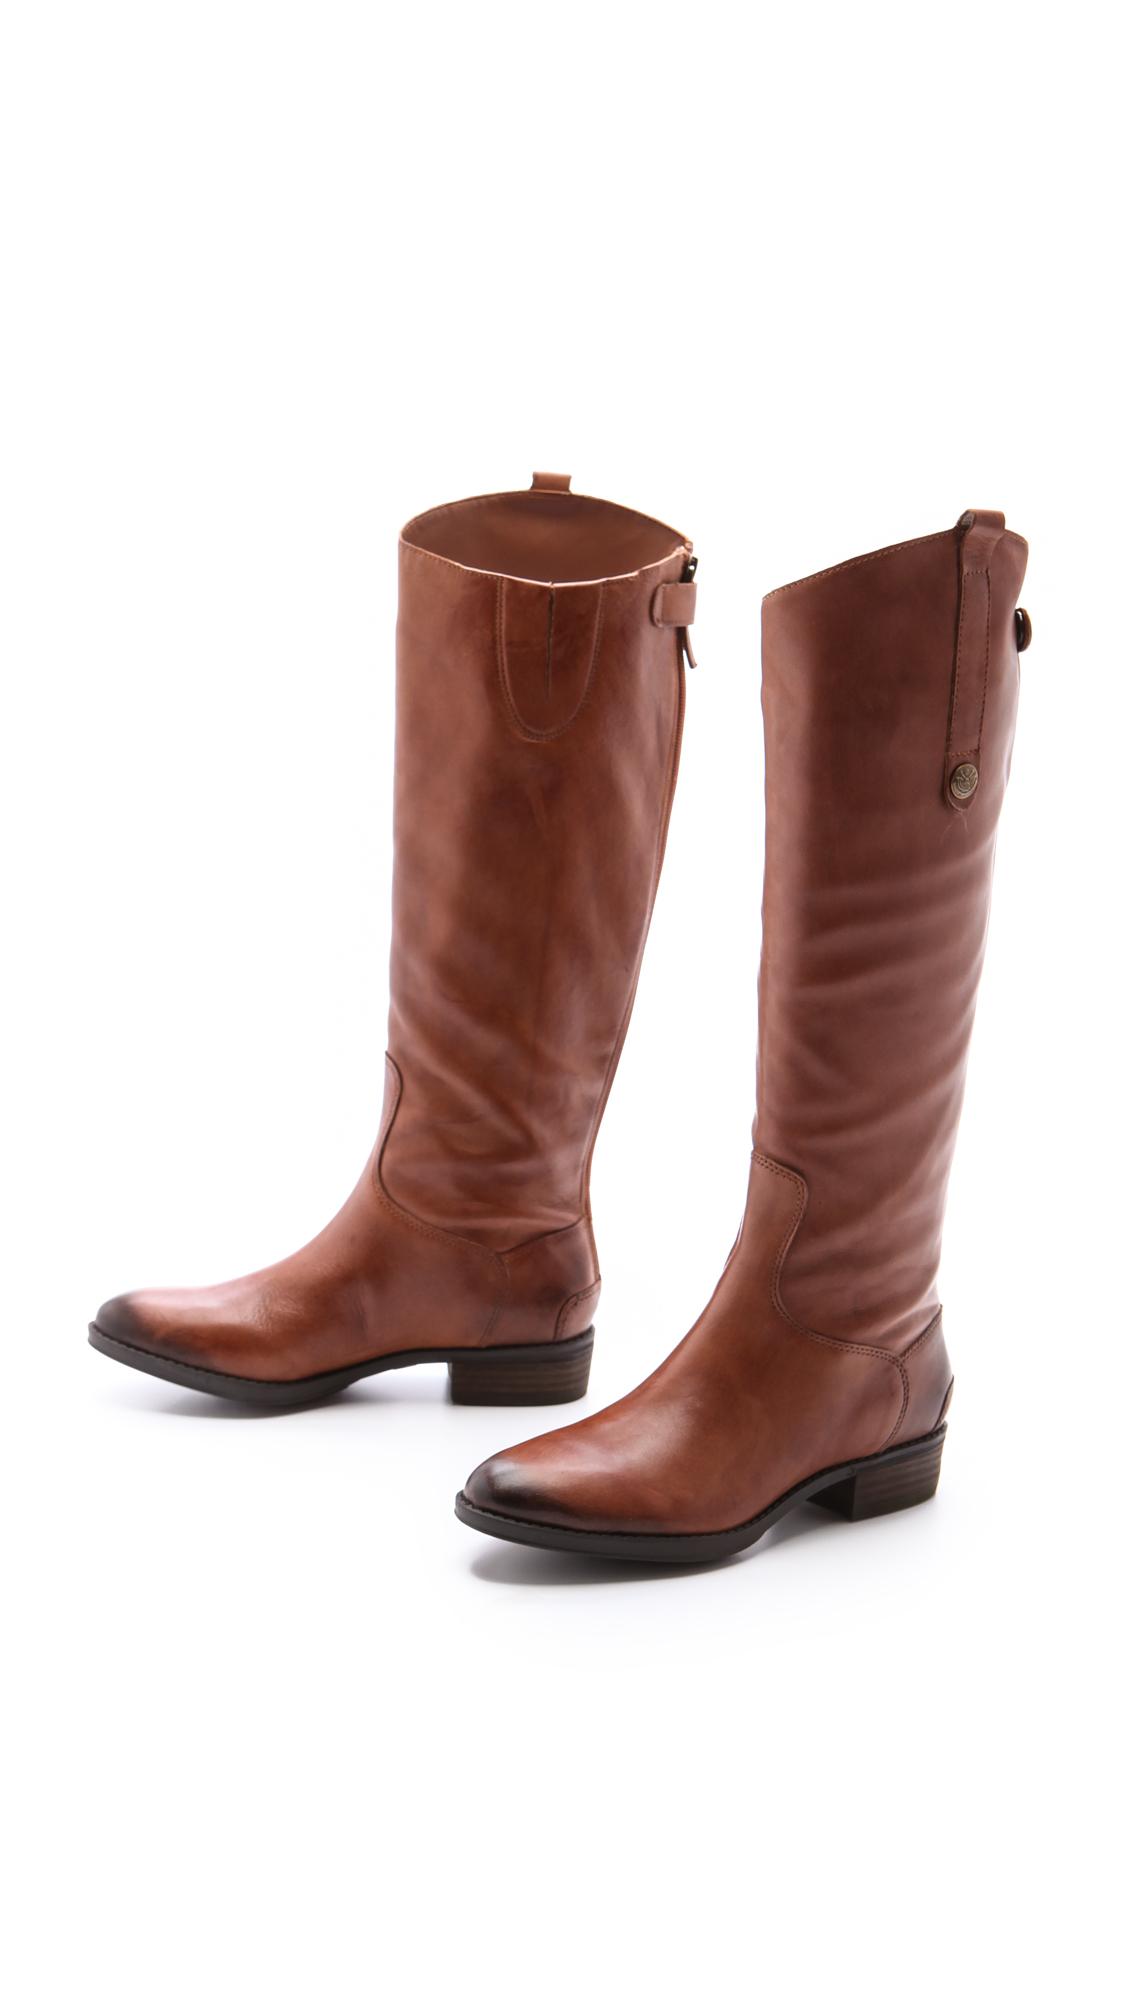 ada63fa27 Sam Edelman Penny Tall Flat Boots